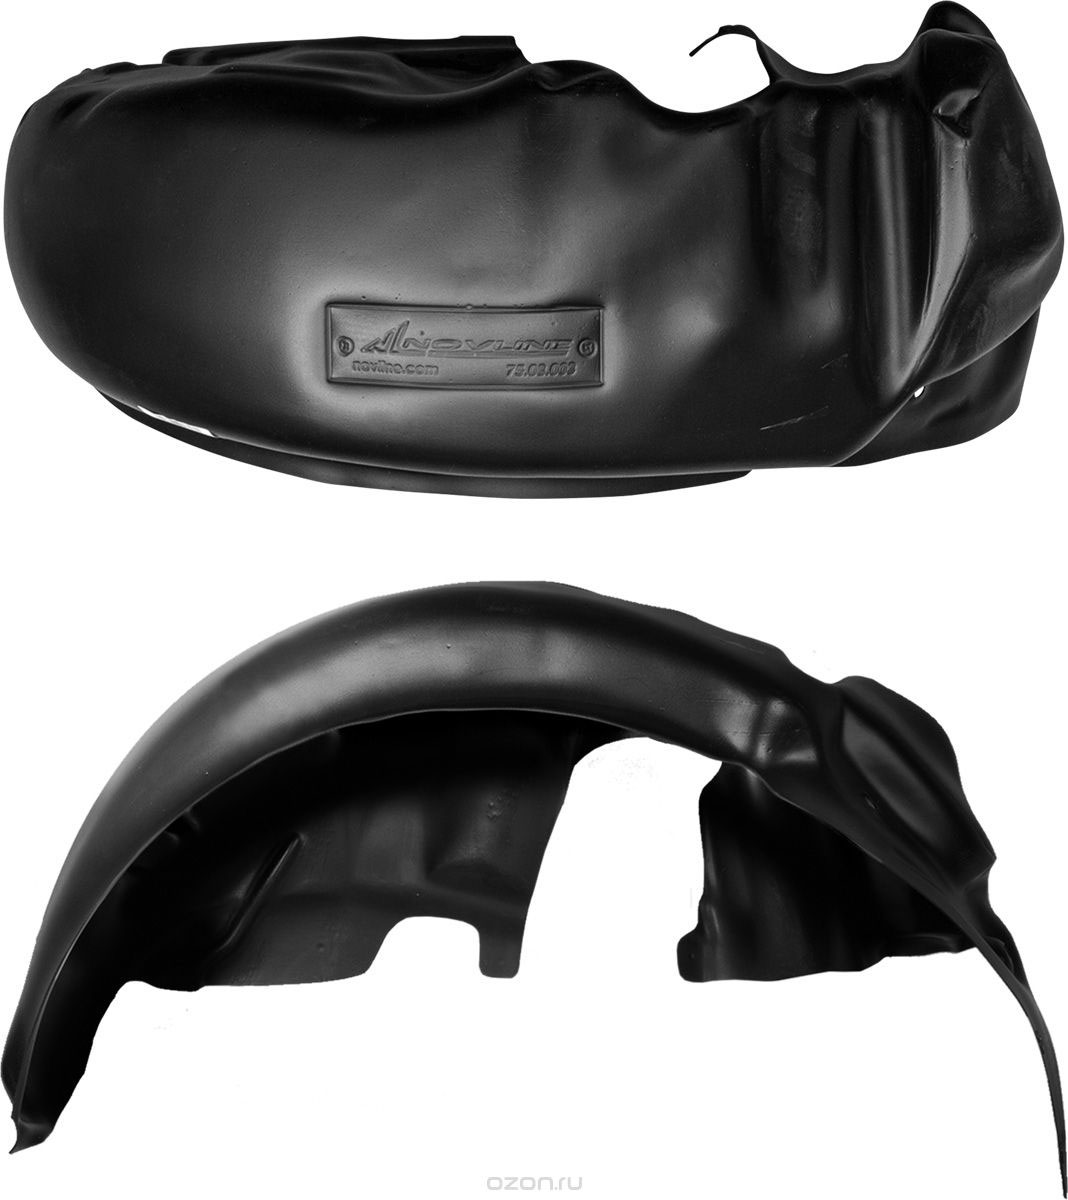 Подкрылок Novline-Autofamily, для FIAT Ducato, 08/2014->, с расширителями арок, передний левыйSATURN CANCARDИдеальная защита колесной ниши. Локеры разработаны с применением цифровых технологий, гарантируют максимальную повторяемость поверхности арки. Изделия устанавливаются без нарушения лакокрасочного покрытия автомобиля, каждый подкрылок комплектуется крепежом. Уважаемые клиенты, обращаем ваше внимание, что фотографии на подкрылки универсальные и не отражают реальную форму изделия. При этом само изделие идет точно под размер указанного автомобиля.